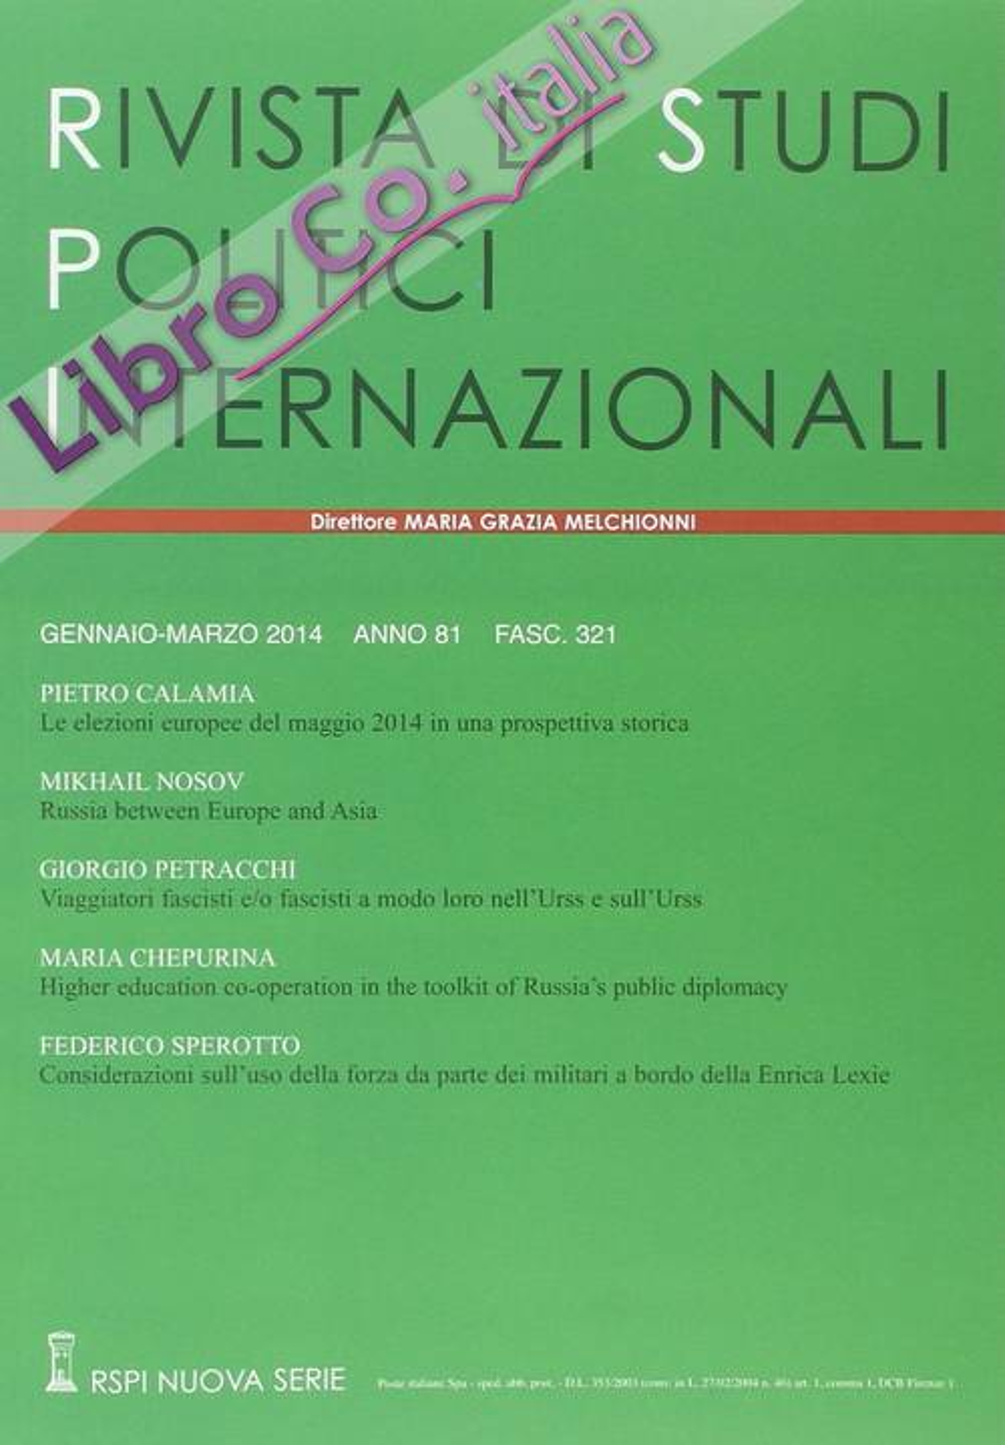 Rivista di studi politici internazionali (2014). Vol. 1